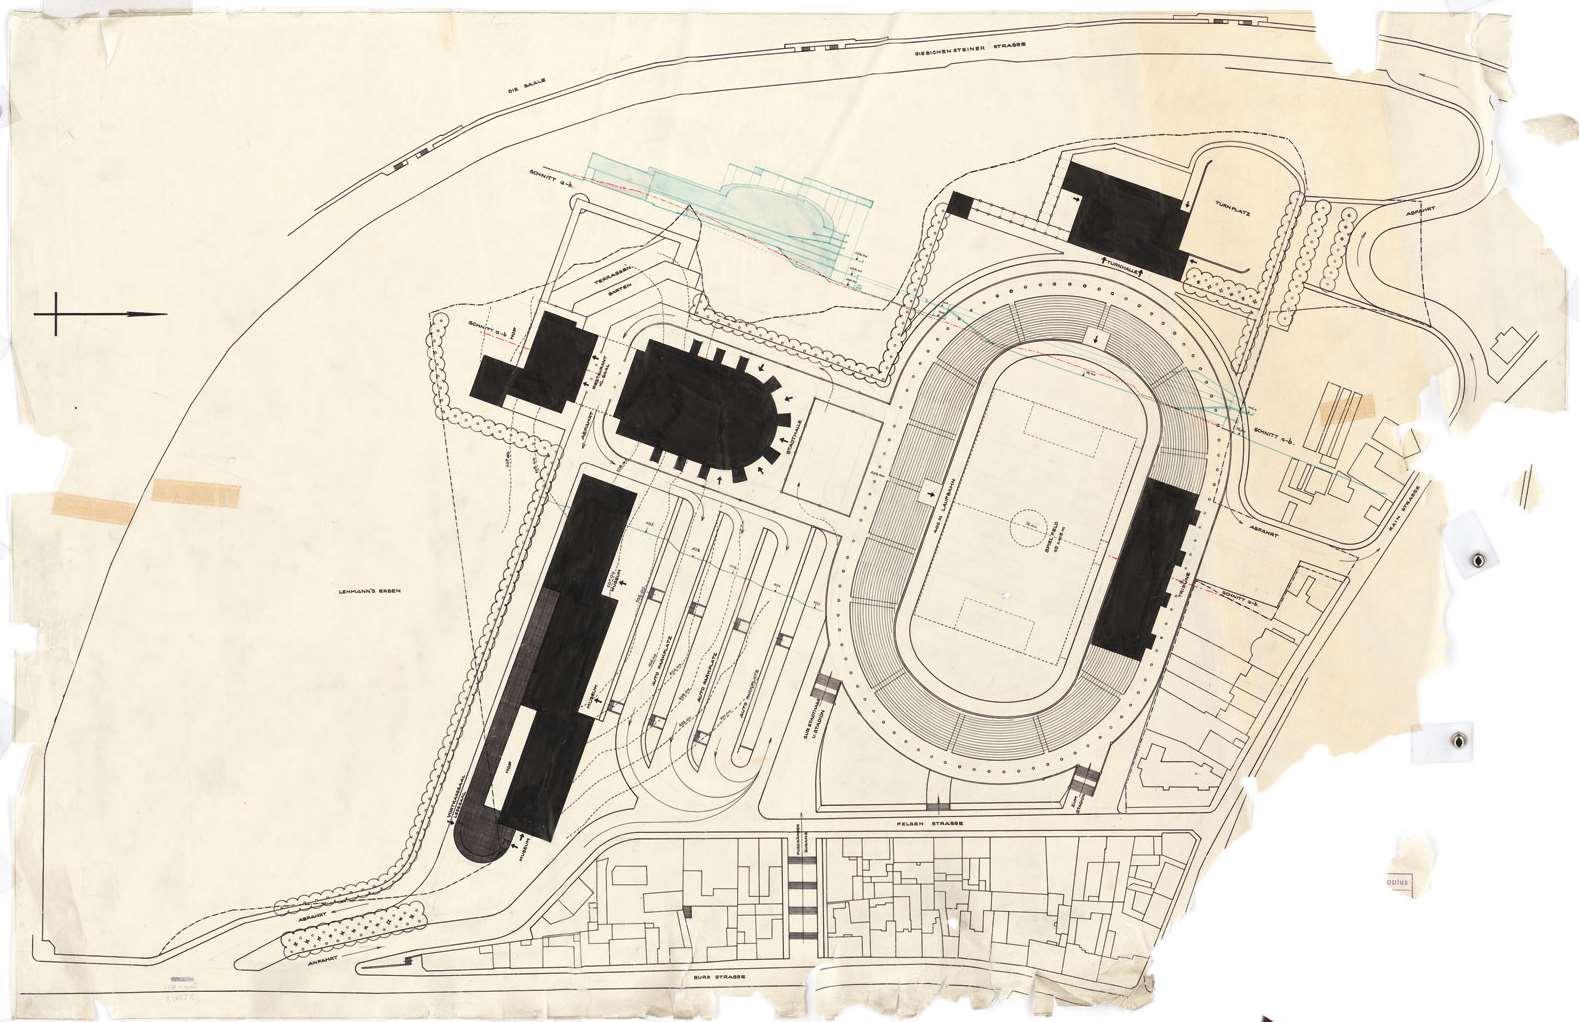 Entwurfszeichnung von Walter Gropius für die Stadthalle in Halle